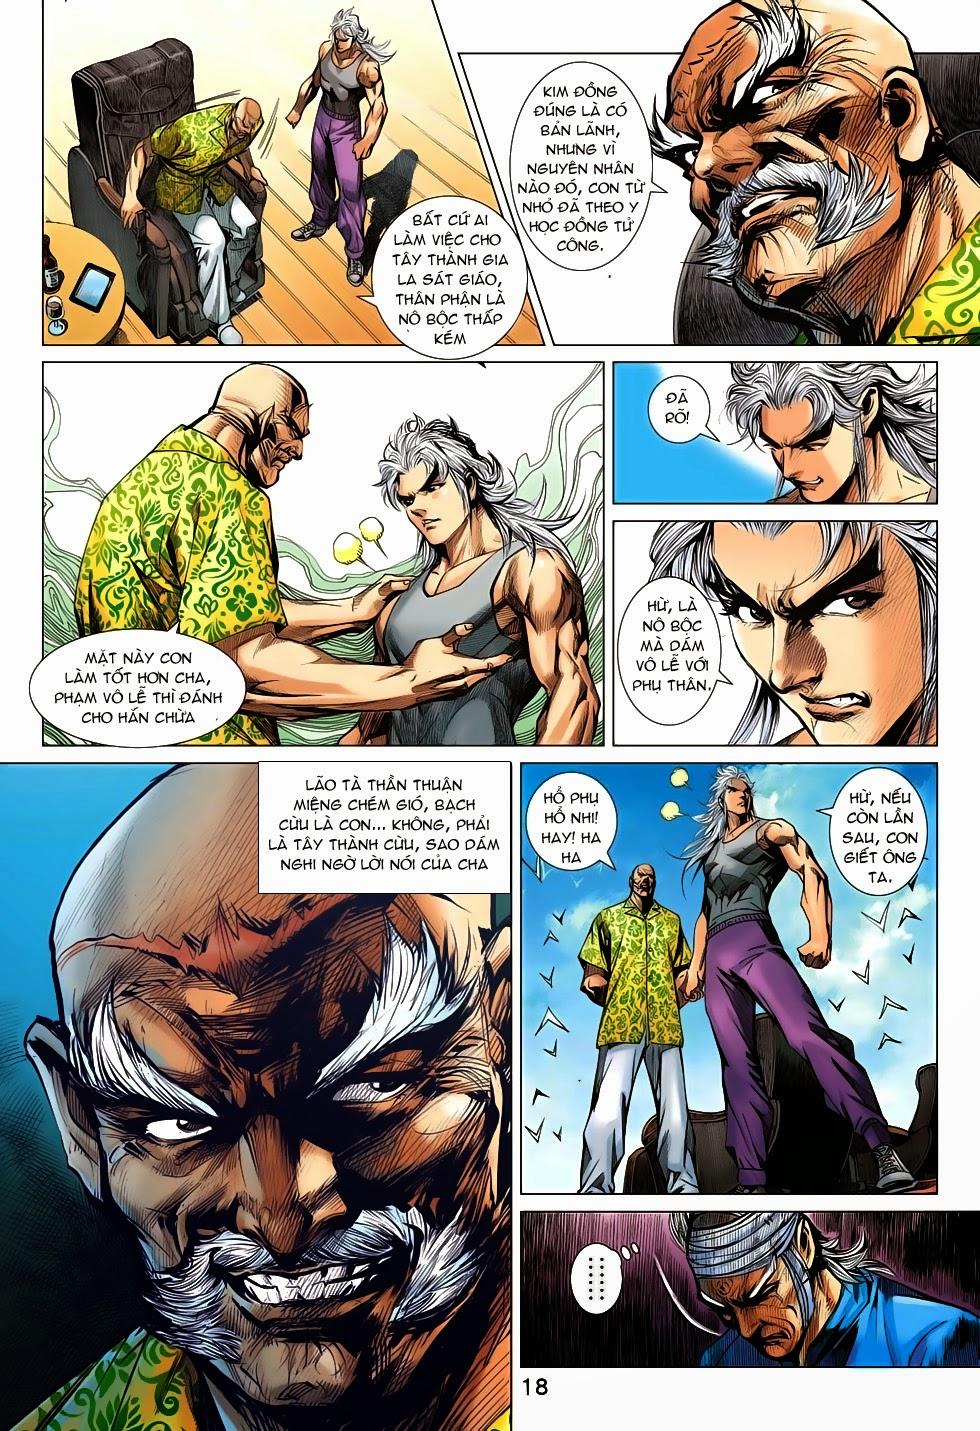 Tân Tác Long Hổ Môn chap 708 - Trang 19